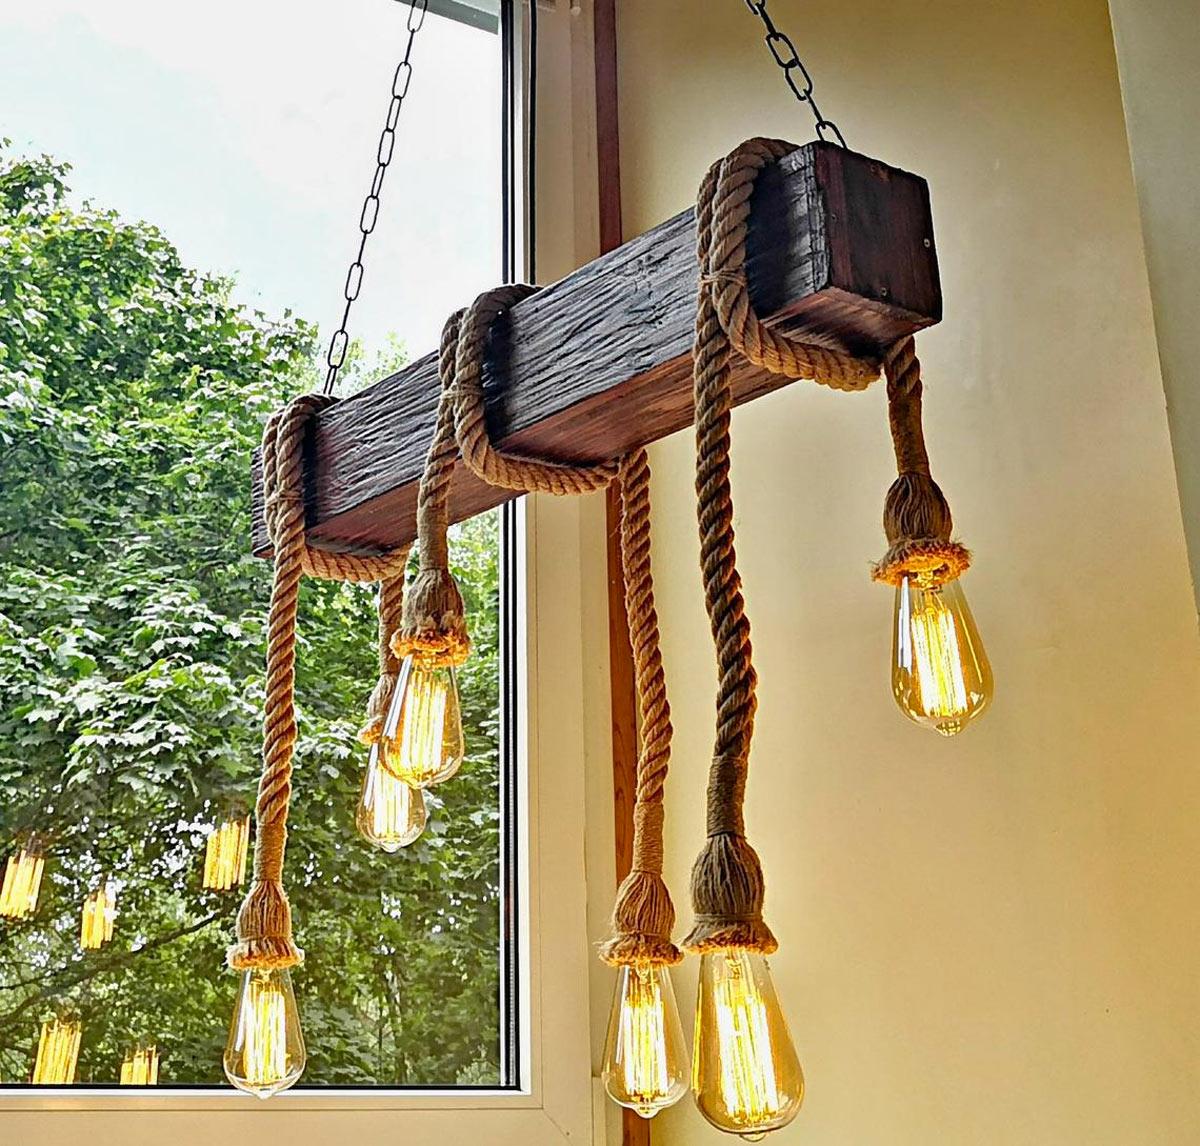 Lampadaire DIY avec poutre en bois e corde, parfait pour une décoration vintage.